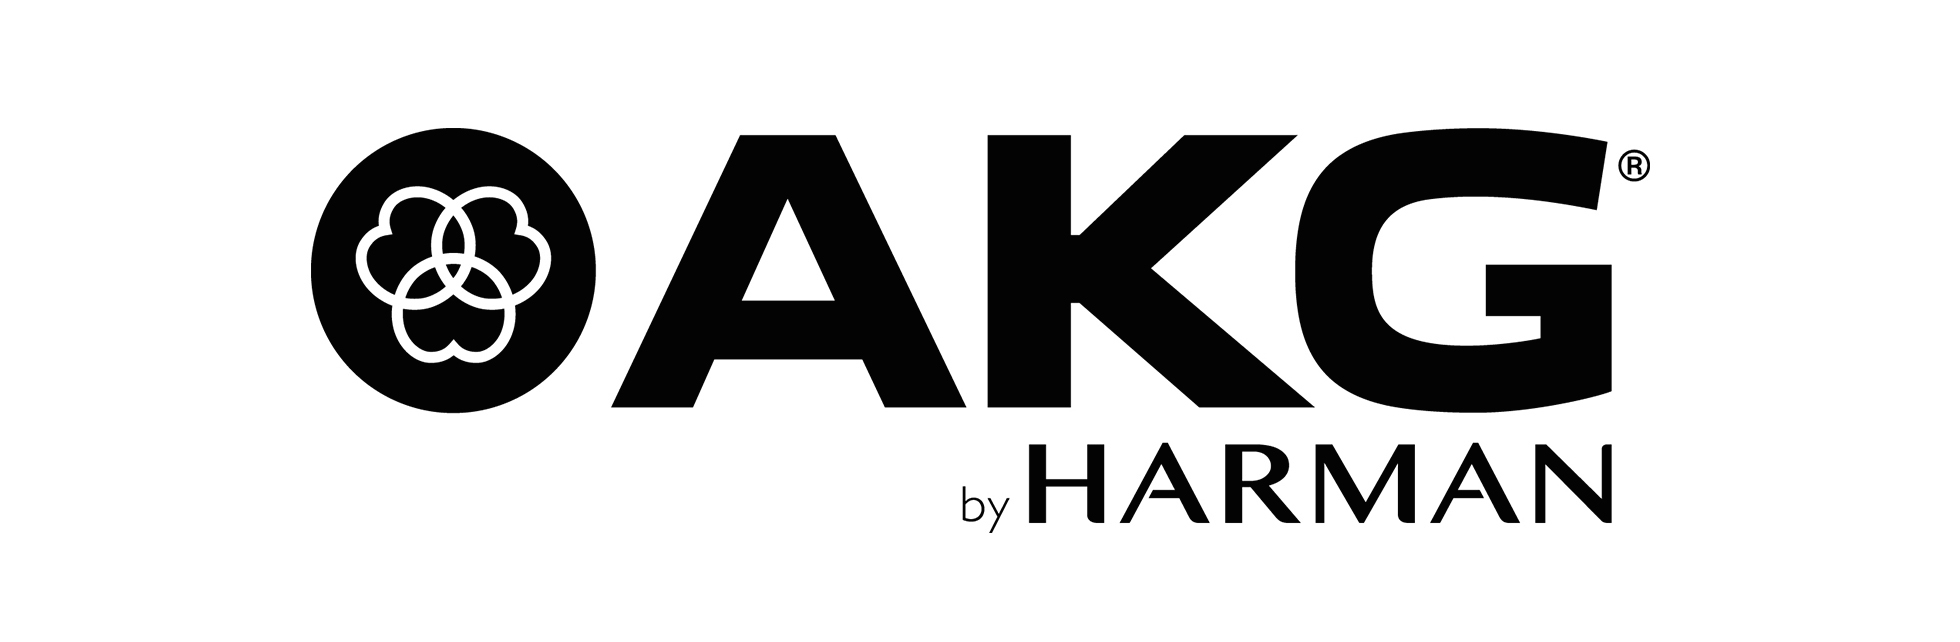 Резултат слика за akg logo